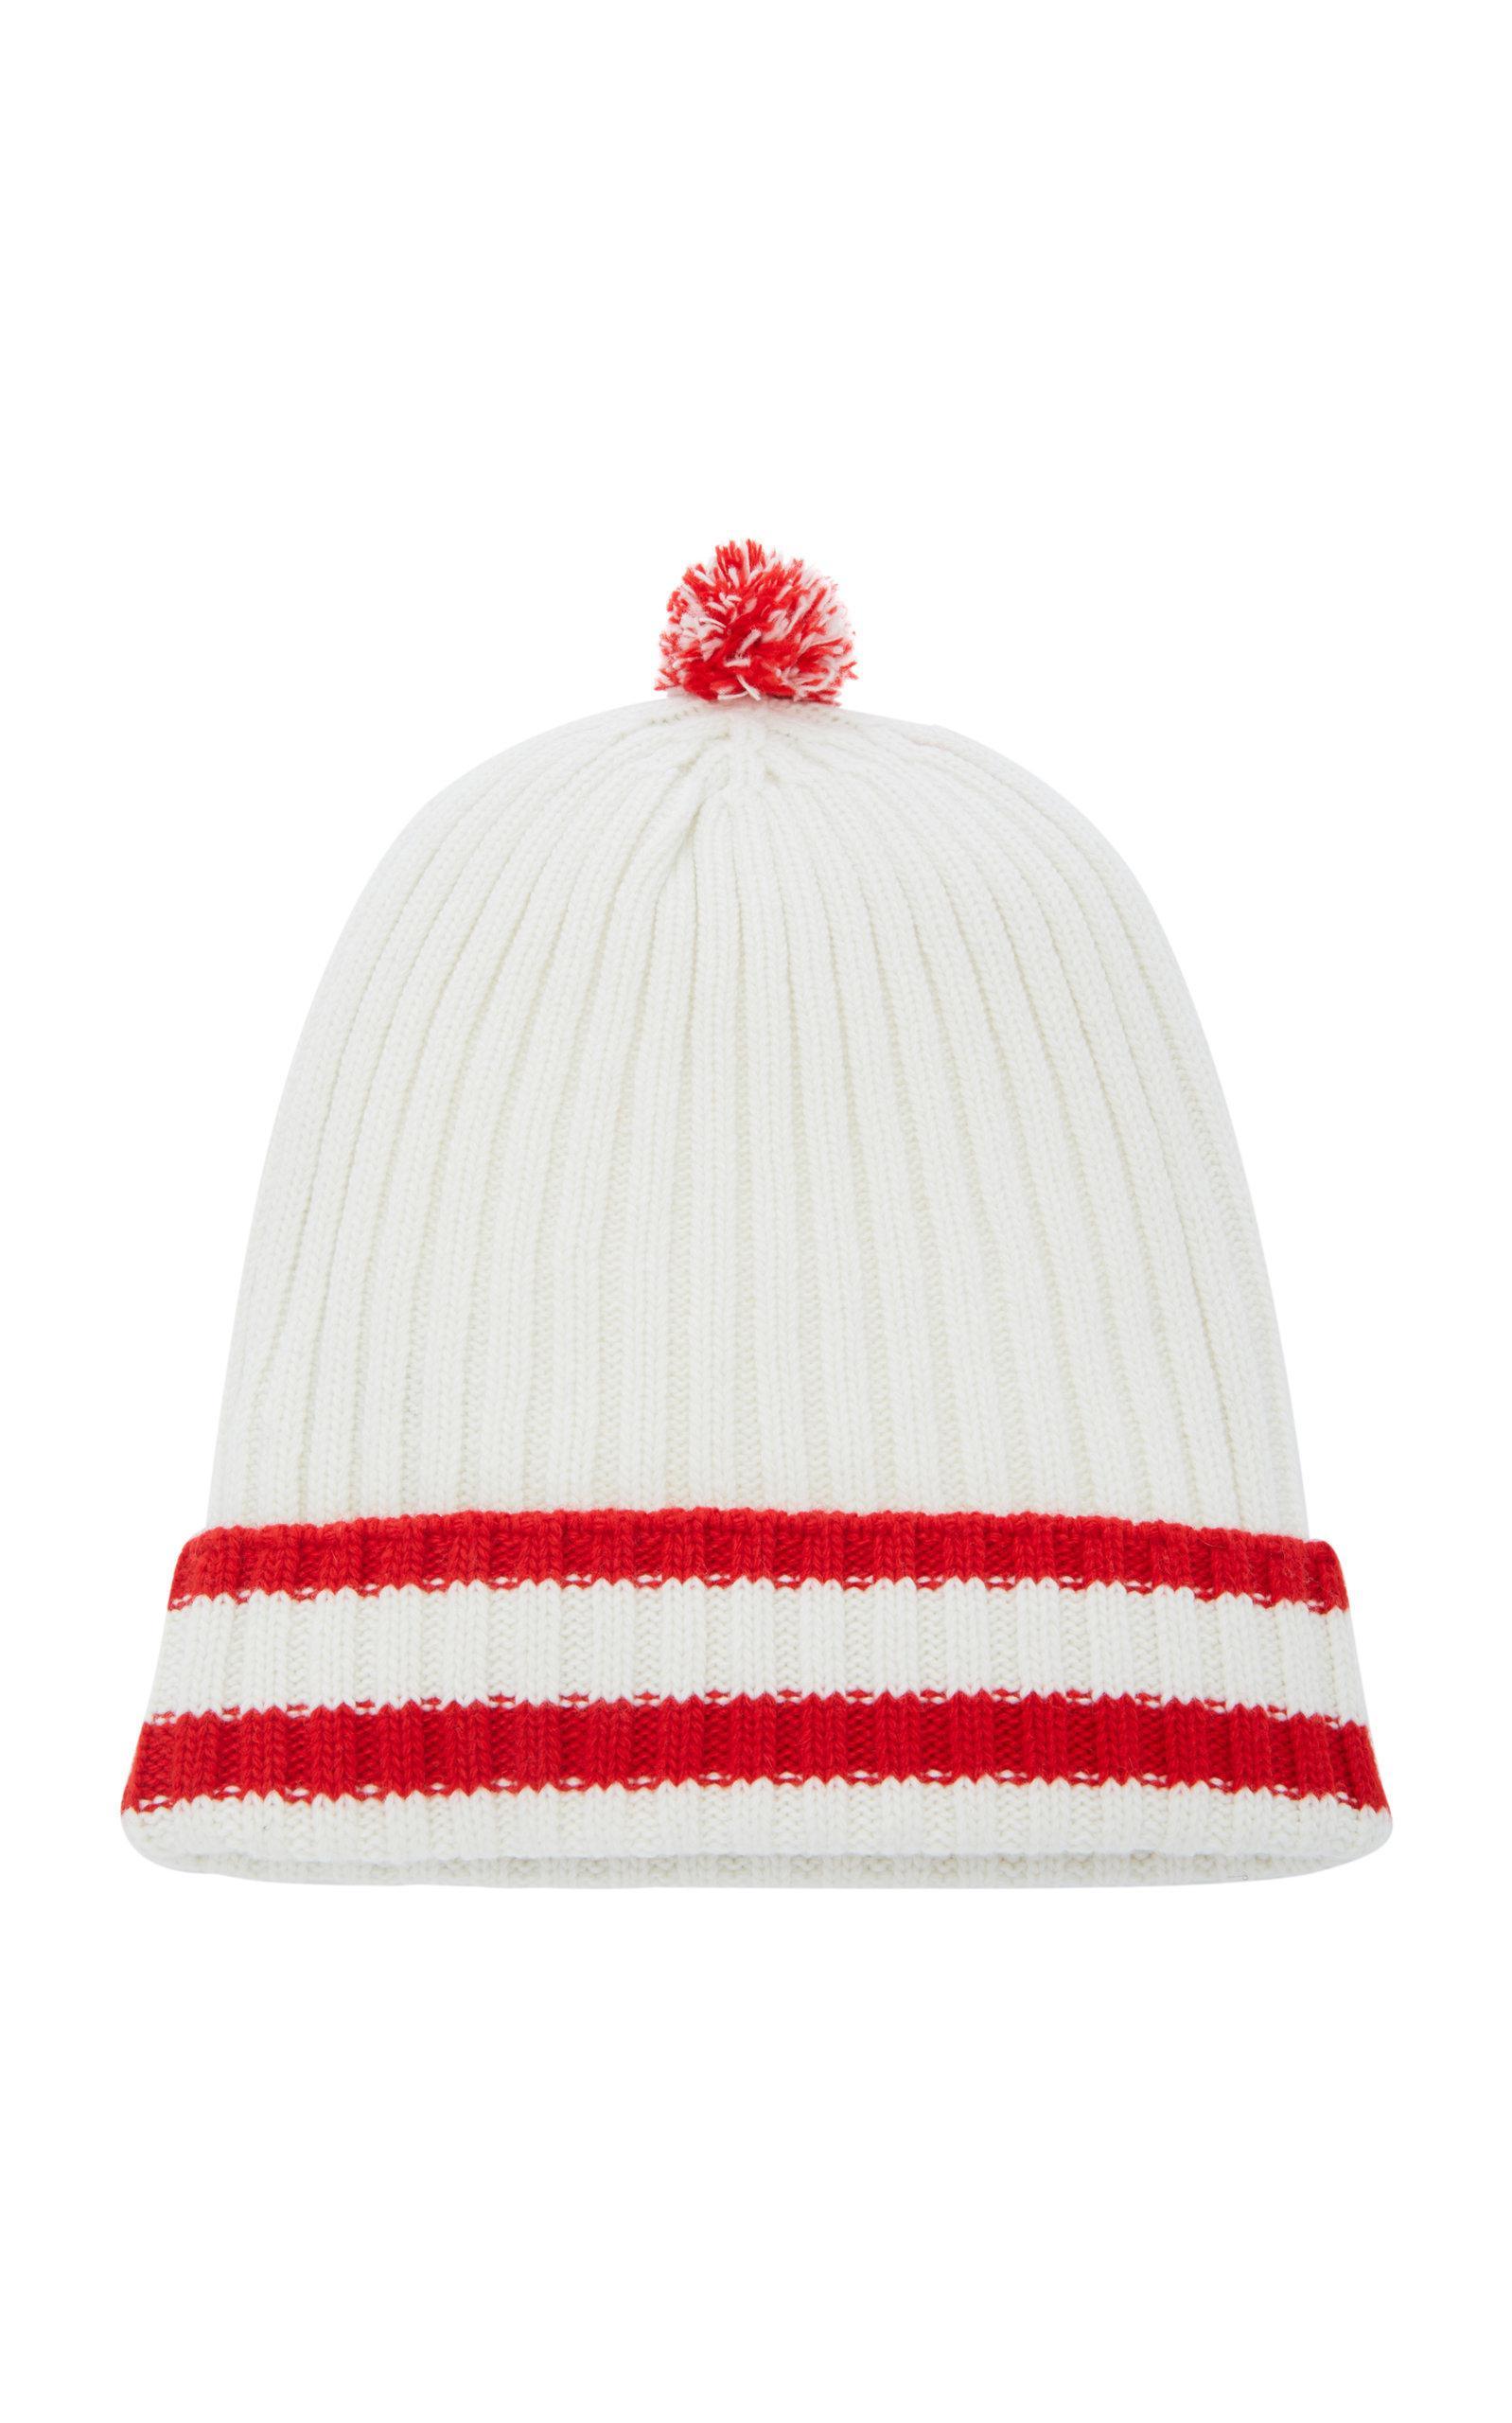 Prada Striped Ribbed-Knit Wool-Cashmere Pom Pom Beanie In White ... 5efb227d3790